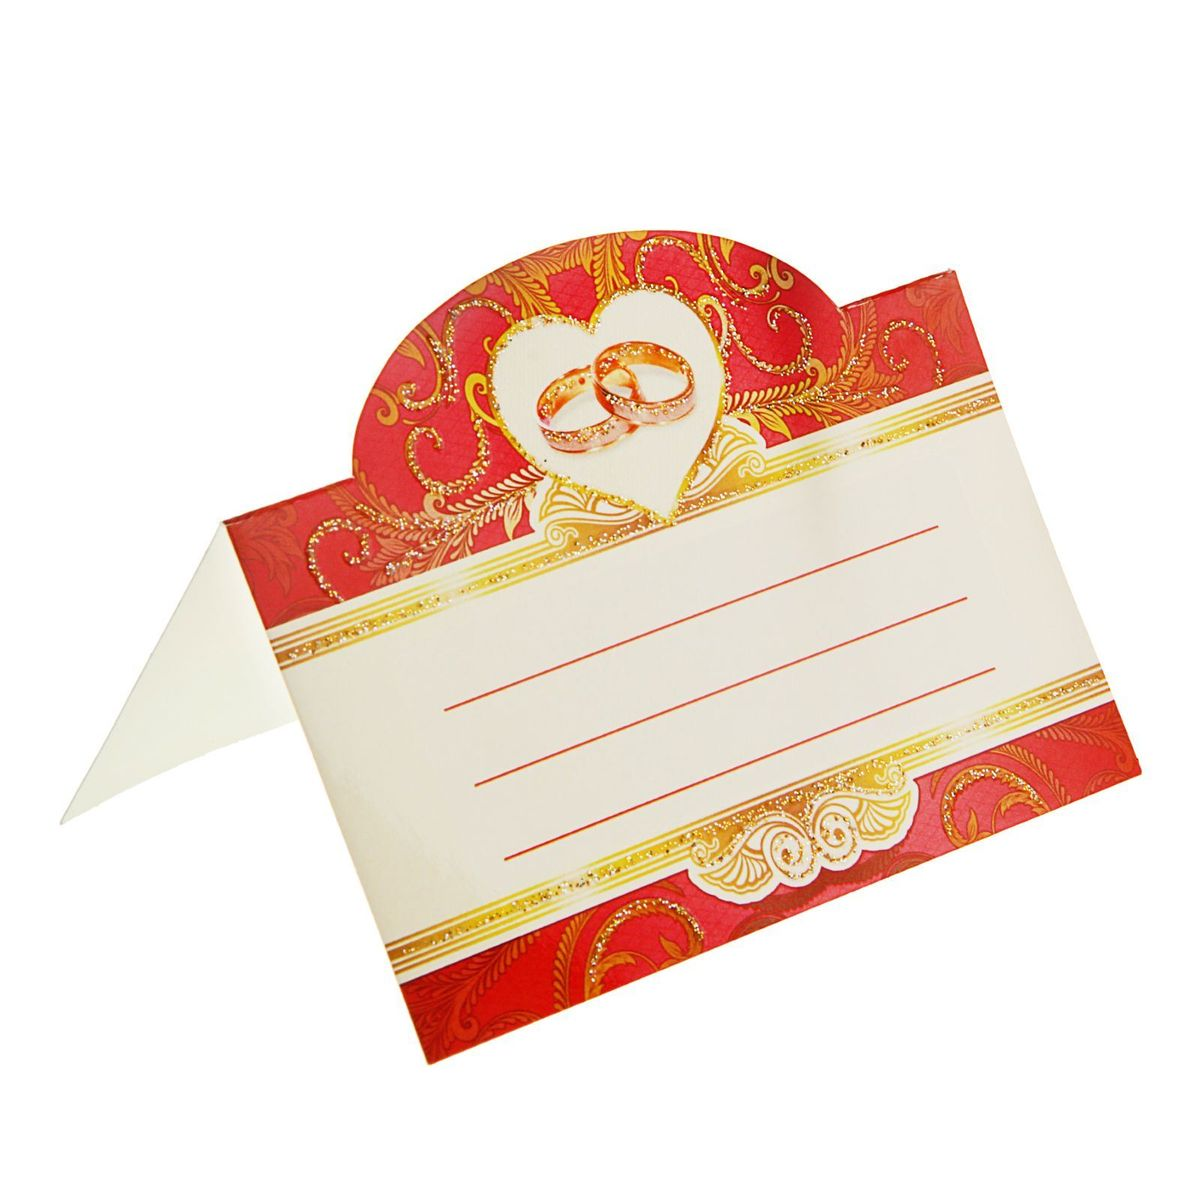 Карточка банкетная Sima-land1161722Красиво оформленный свадебный стол - это эффектное, неординарное и очень значимое обрамление для проведения любого запланированного вами торжества. Банкетная карточка Sima-land - это красивое и оригинальное украшение зала, которое дополнит выдержанный стиль мероприятия и передаст праздничное настроение вам и вашим гостям.